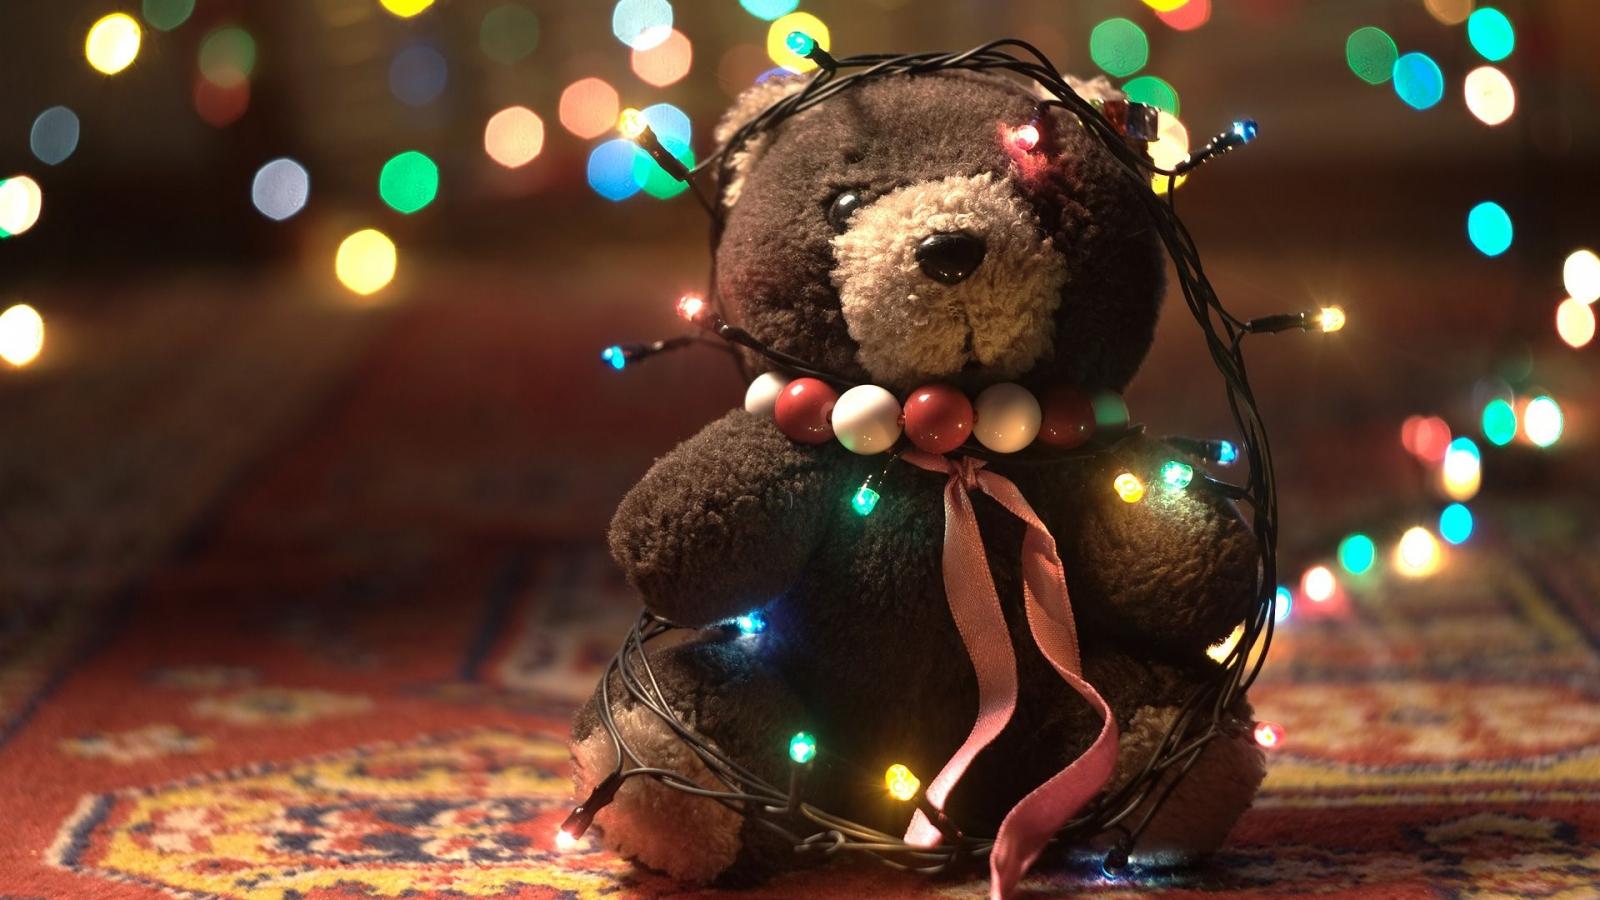 Osito y luces de navidad - 1600x900